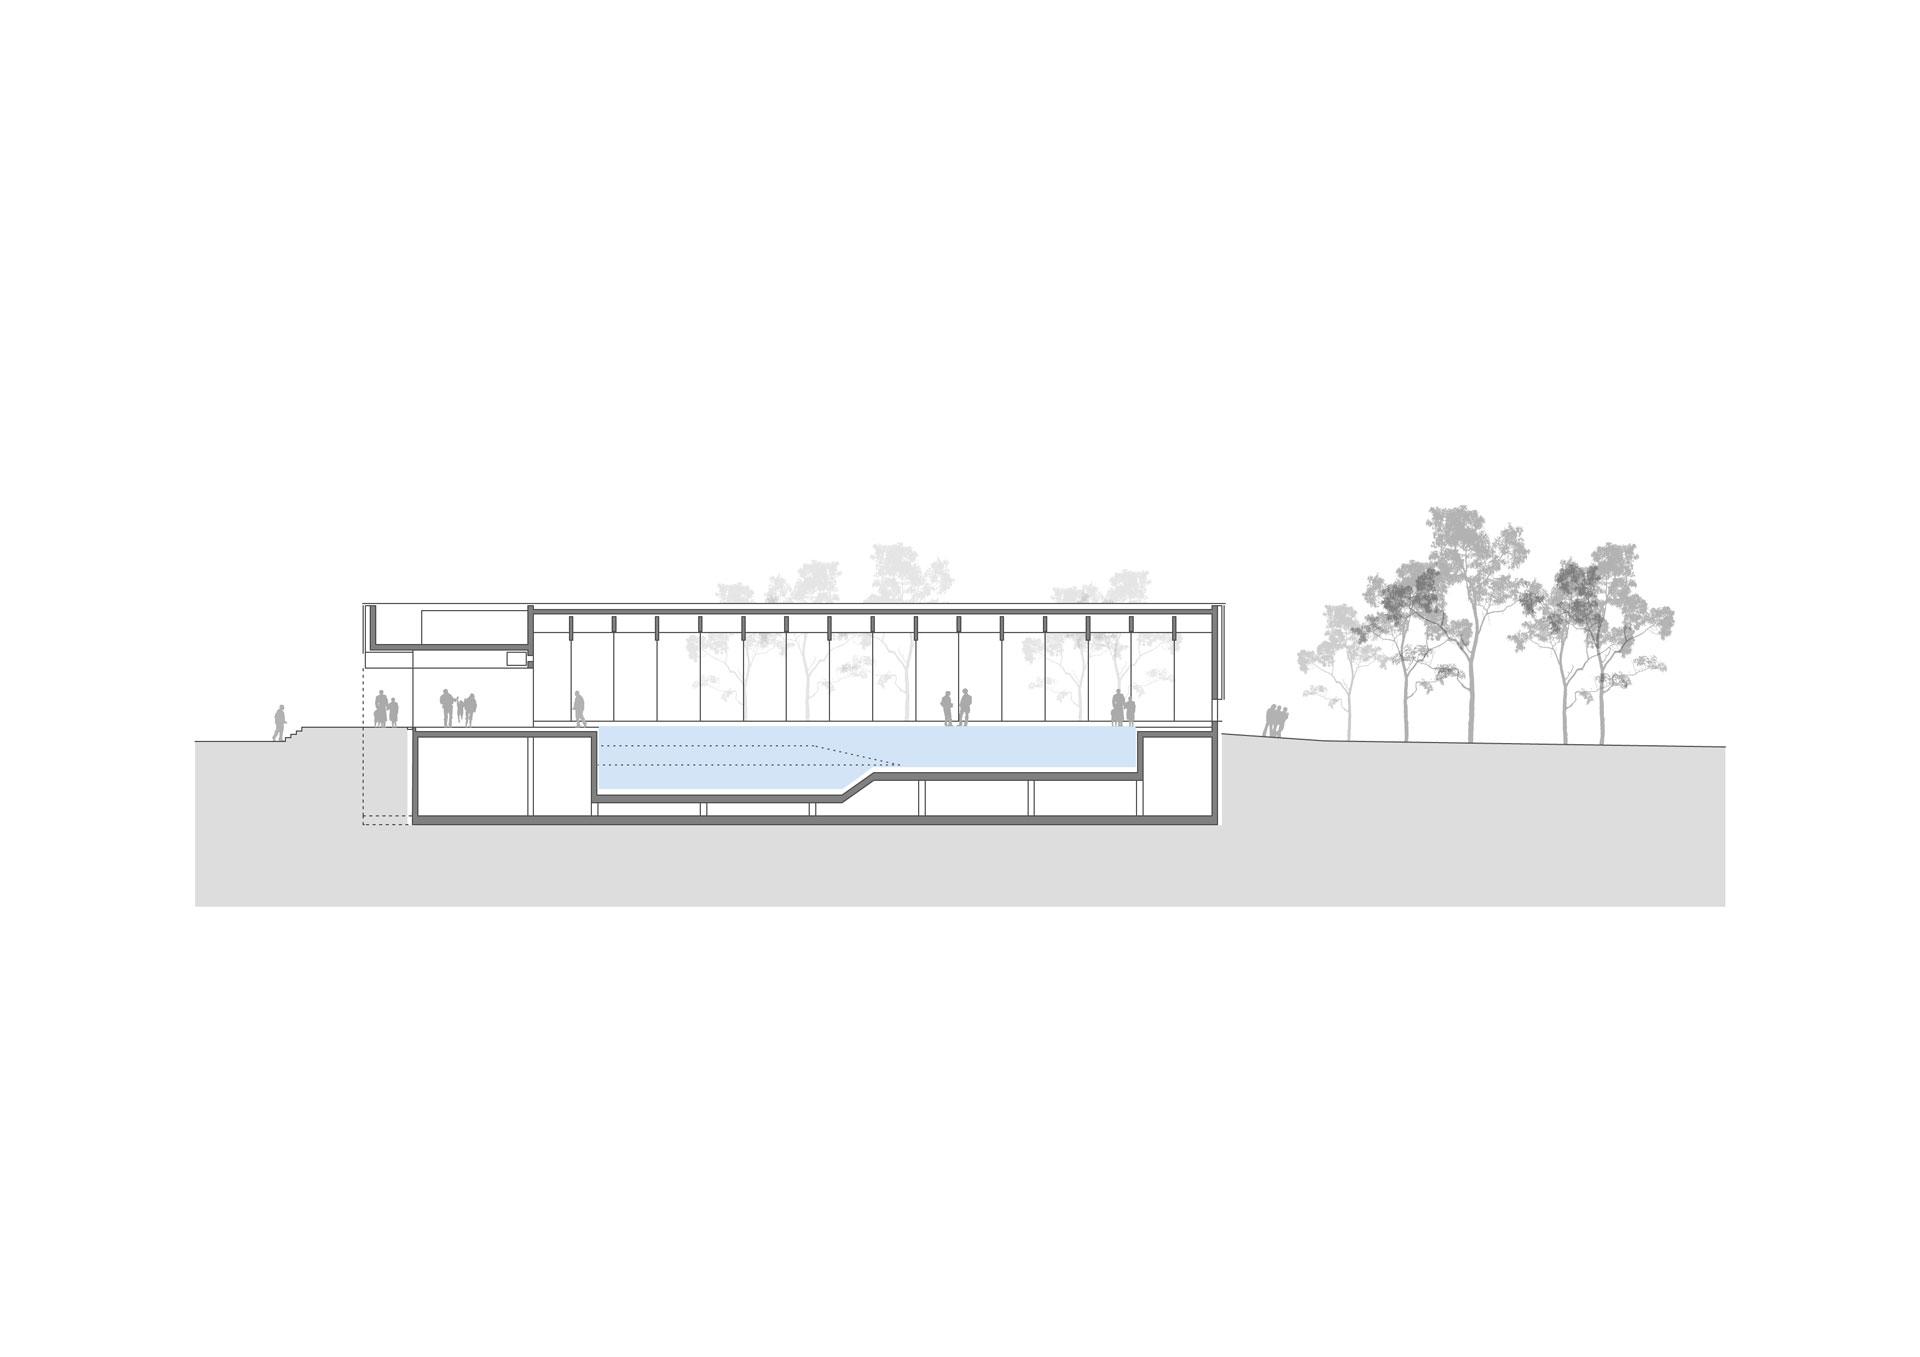 Architekt, Hallenbad, Schnitt, Edelstahlbecken